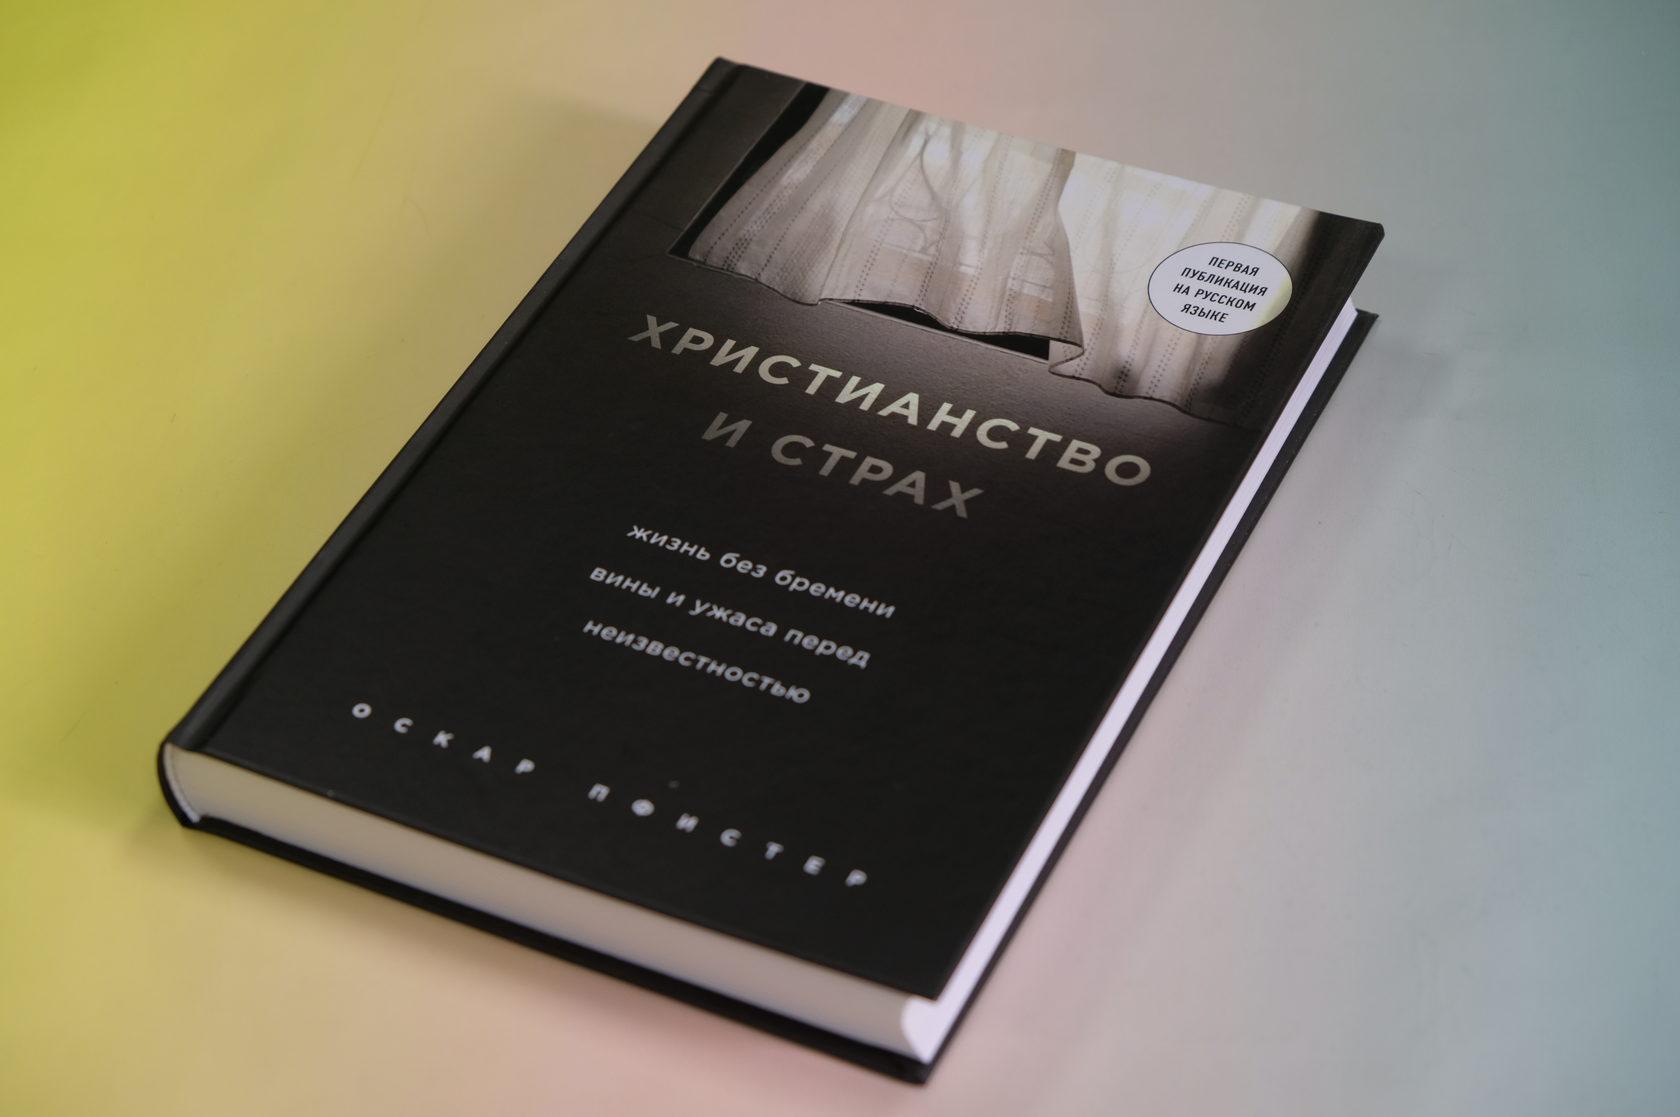 Купить книгу Оскар Пфистер «Христианство и страх. Жизнь без бремени вины и ужаса перед неизвестностью» 978-5-04-095202-1